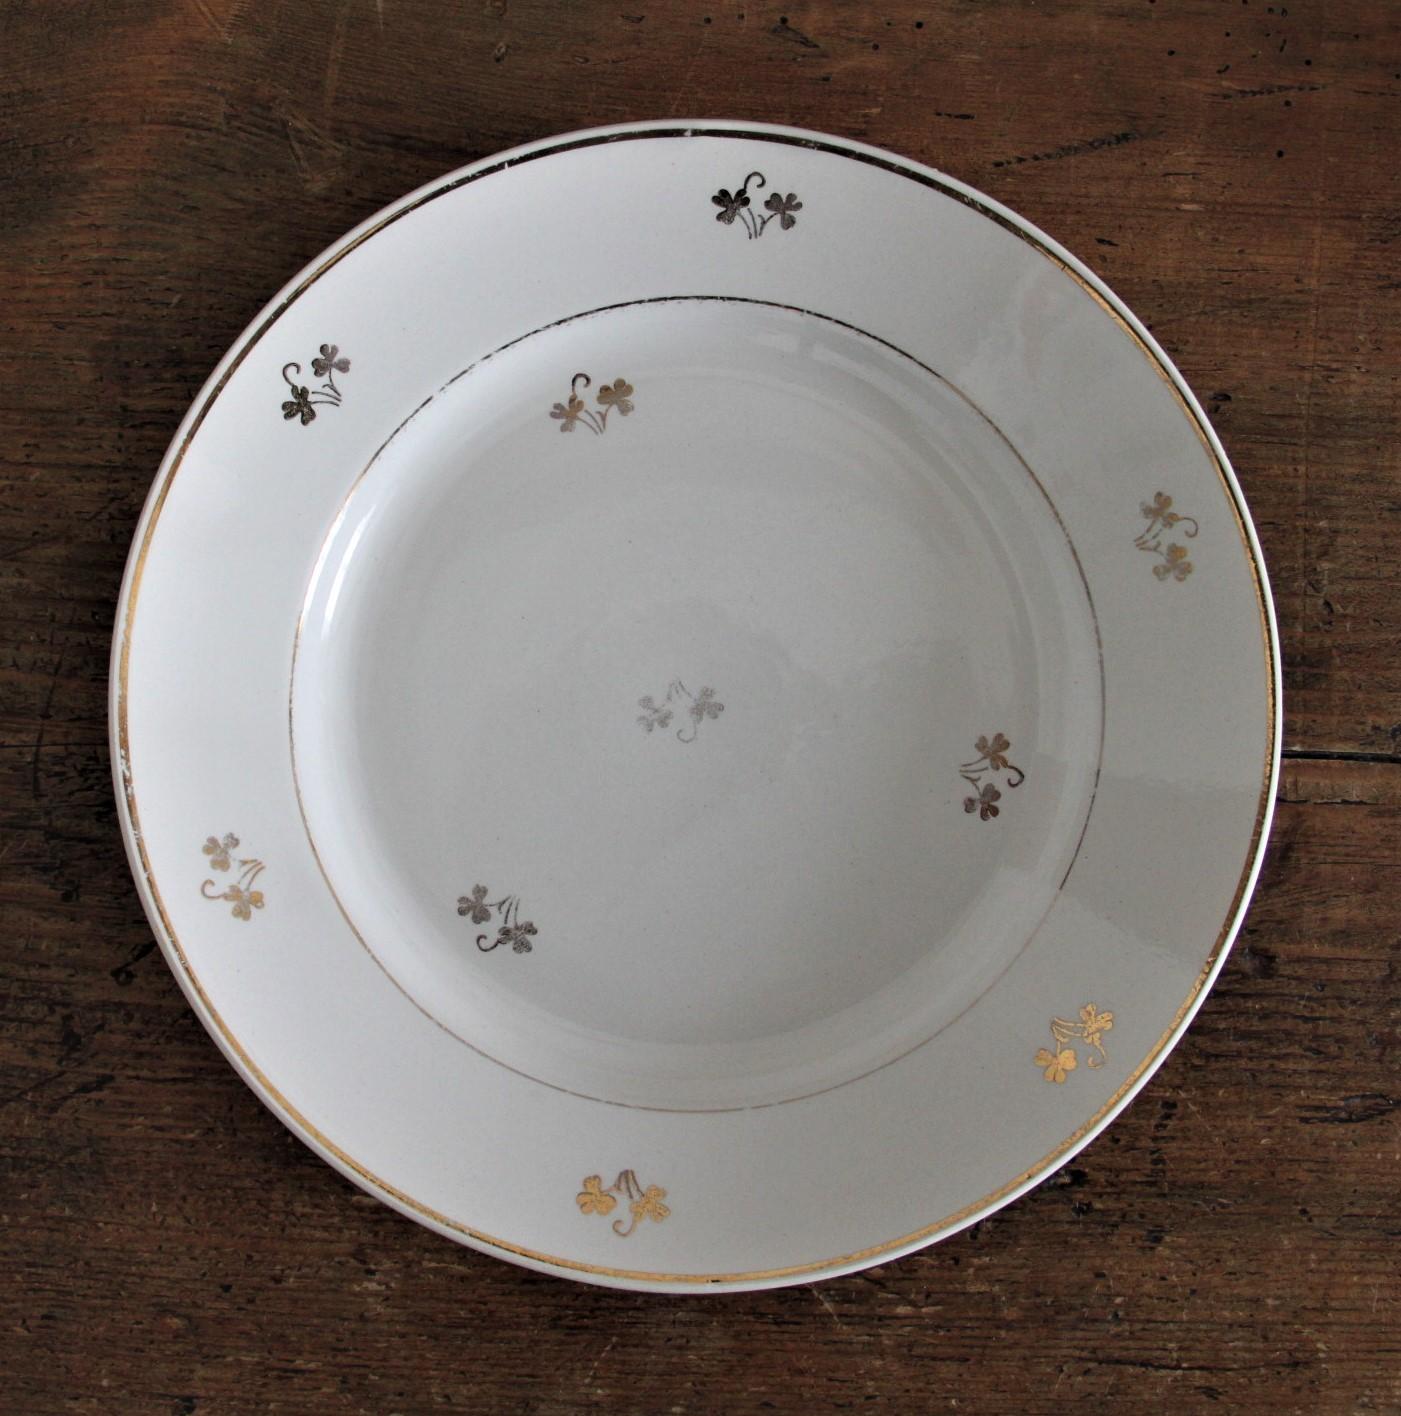 Assiette Céranord porcelaine opaque - D22.5cm